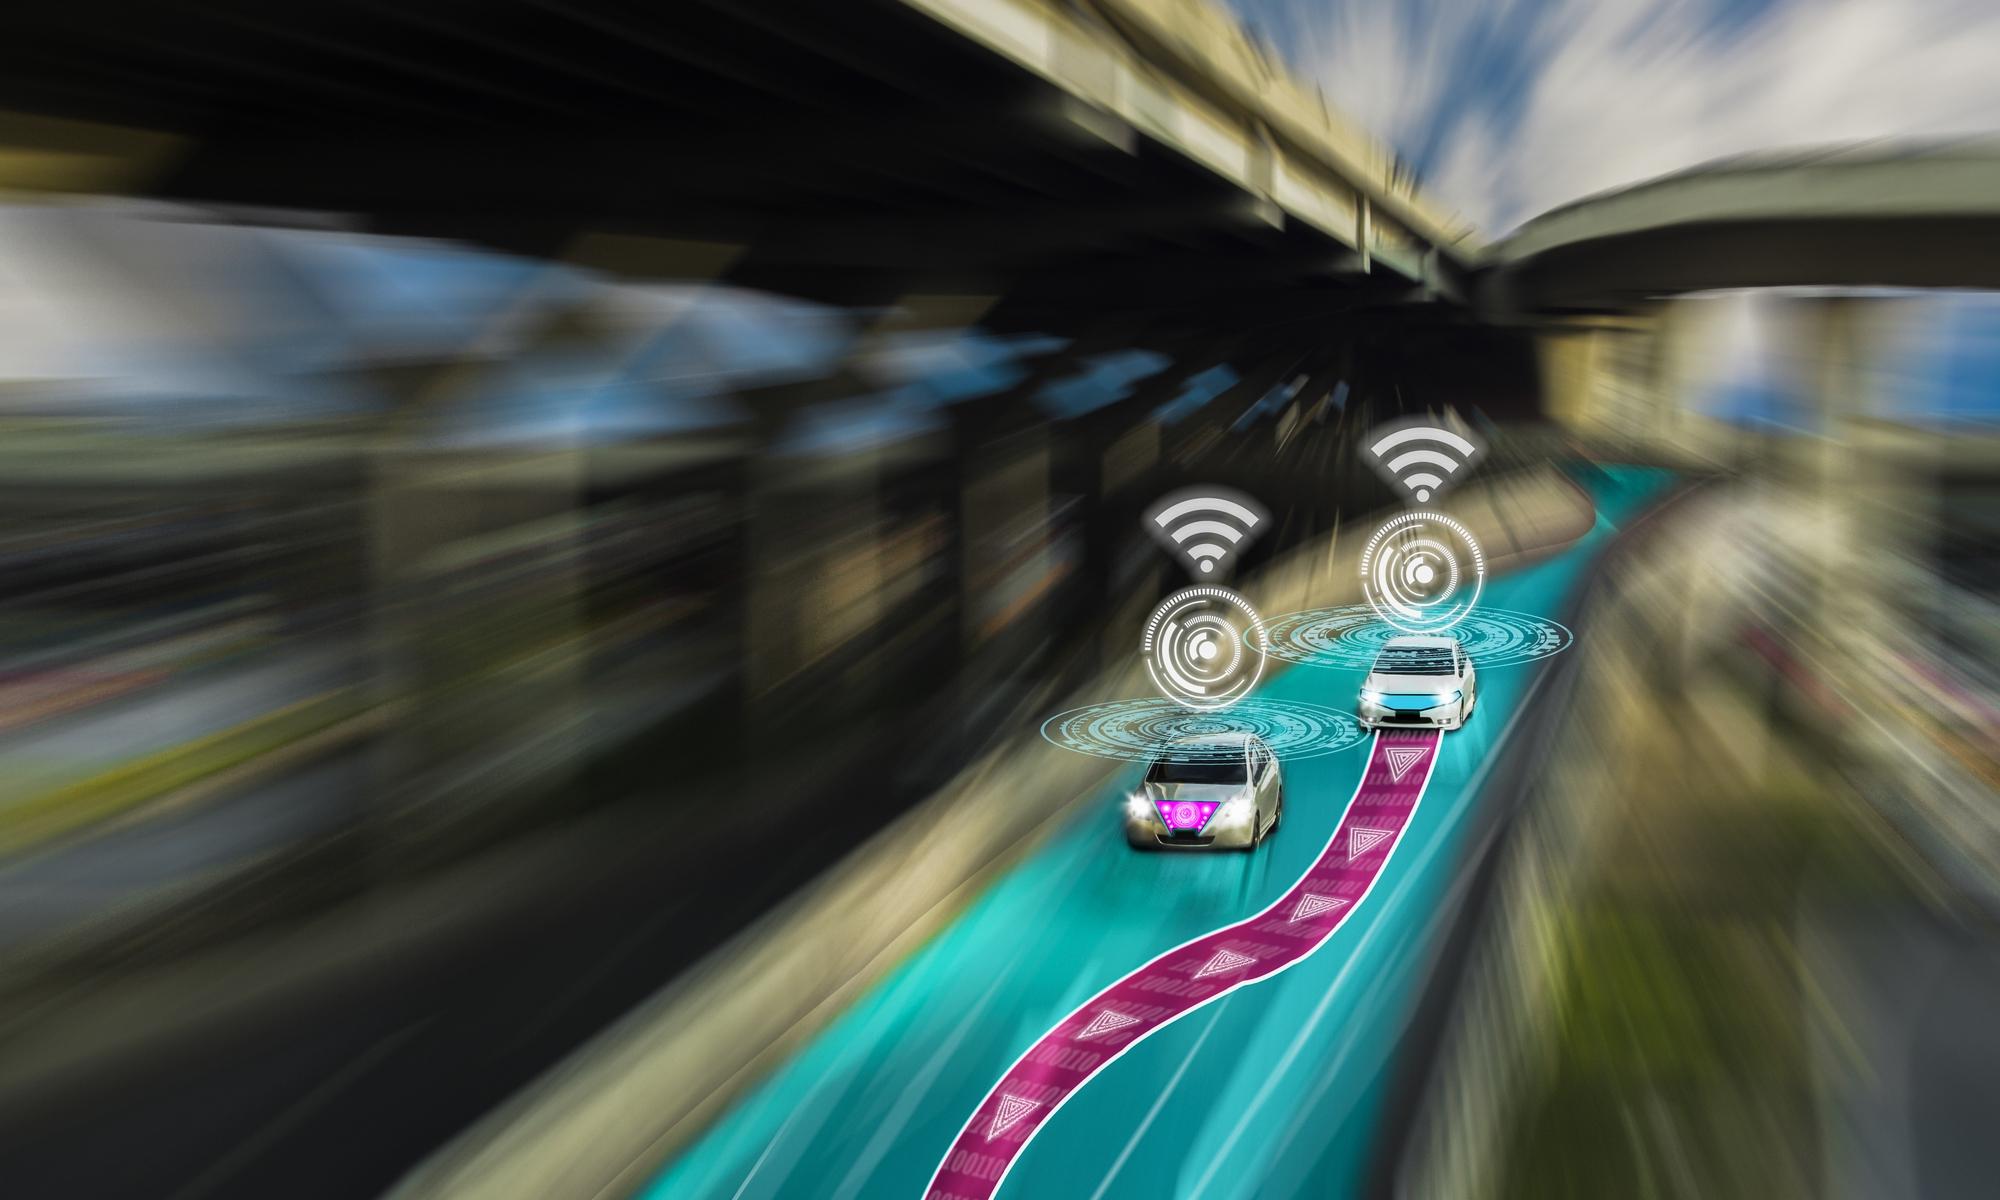 imagen de vehículos inteligentes y movilidad sostenible